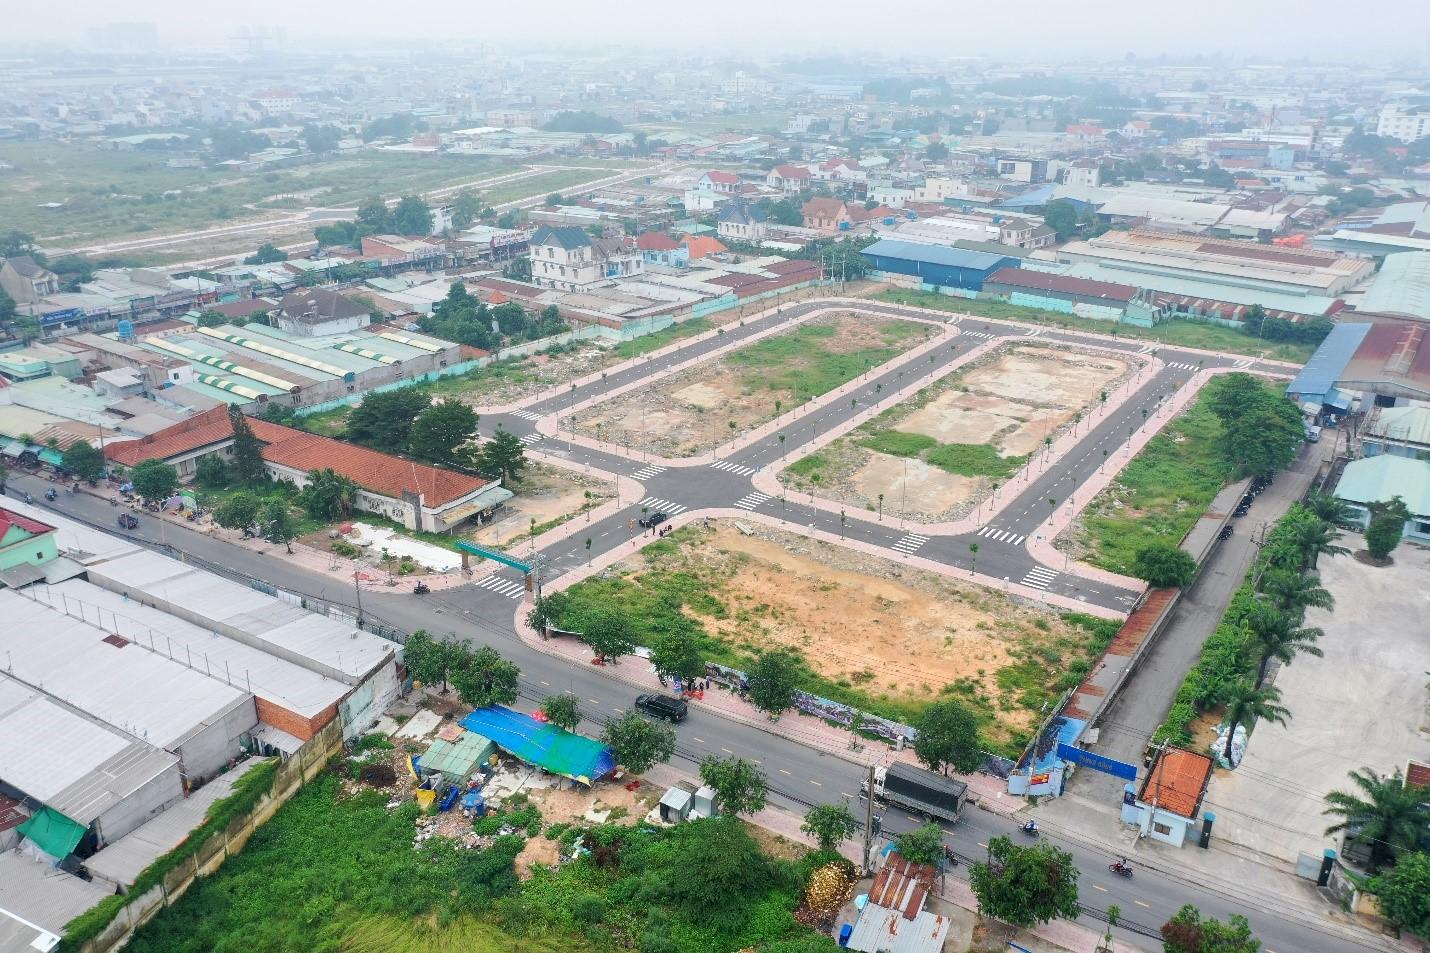 Thuận An Central Bình Dương - Hàng hiếm khó tìm 1062239592